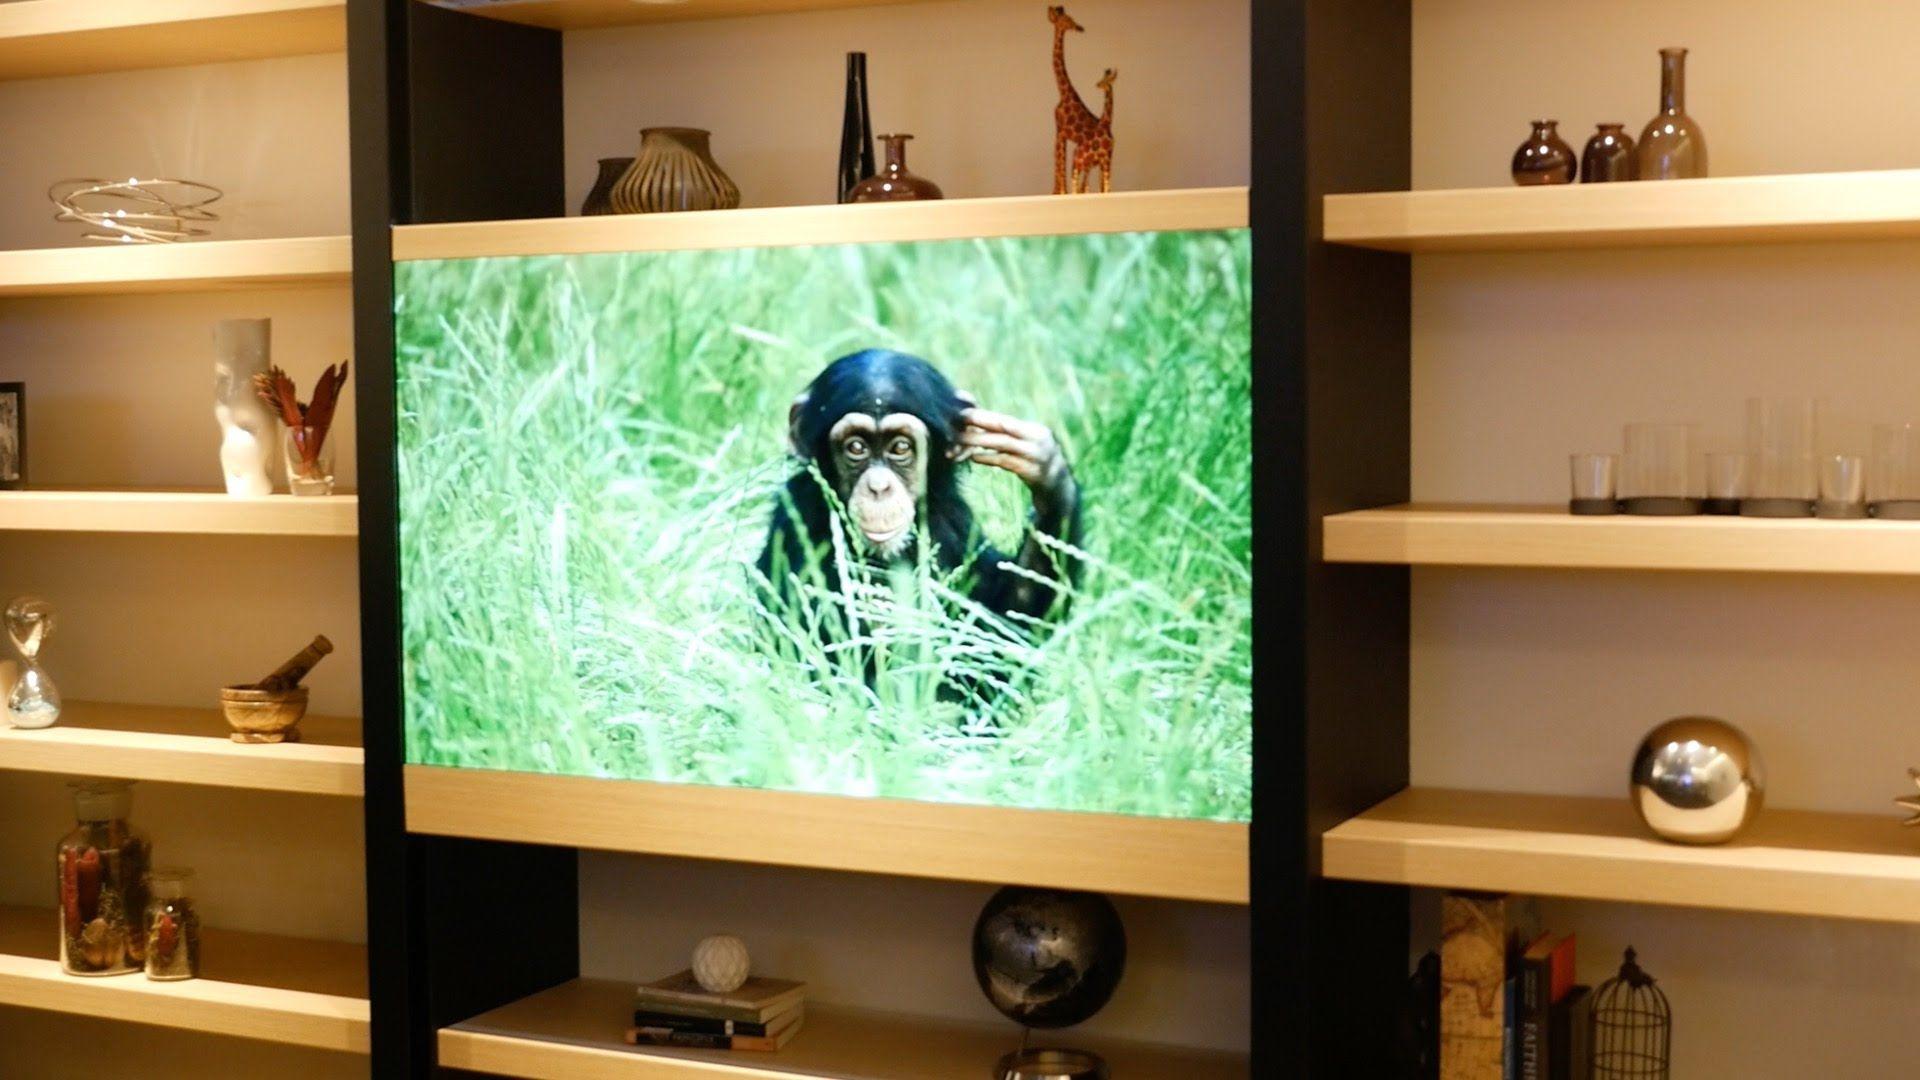 La tv trasparente che scompare quando è spenta